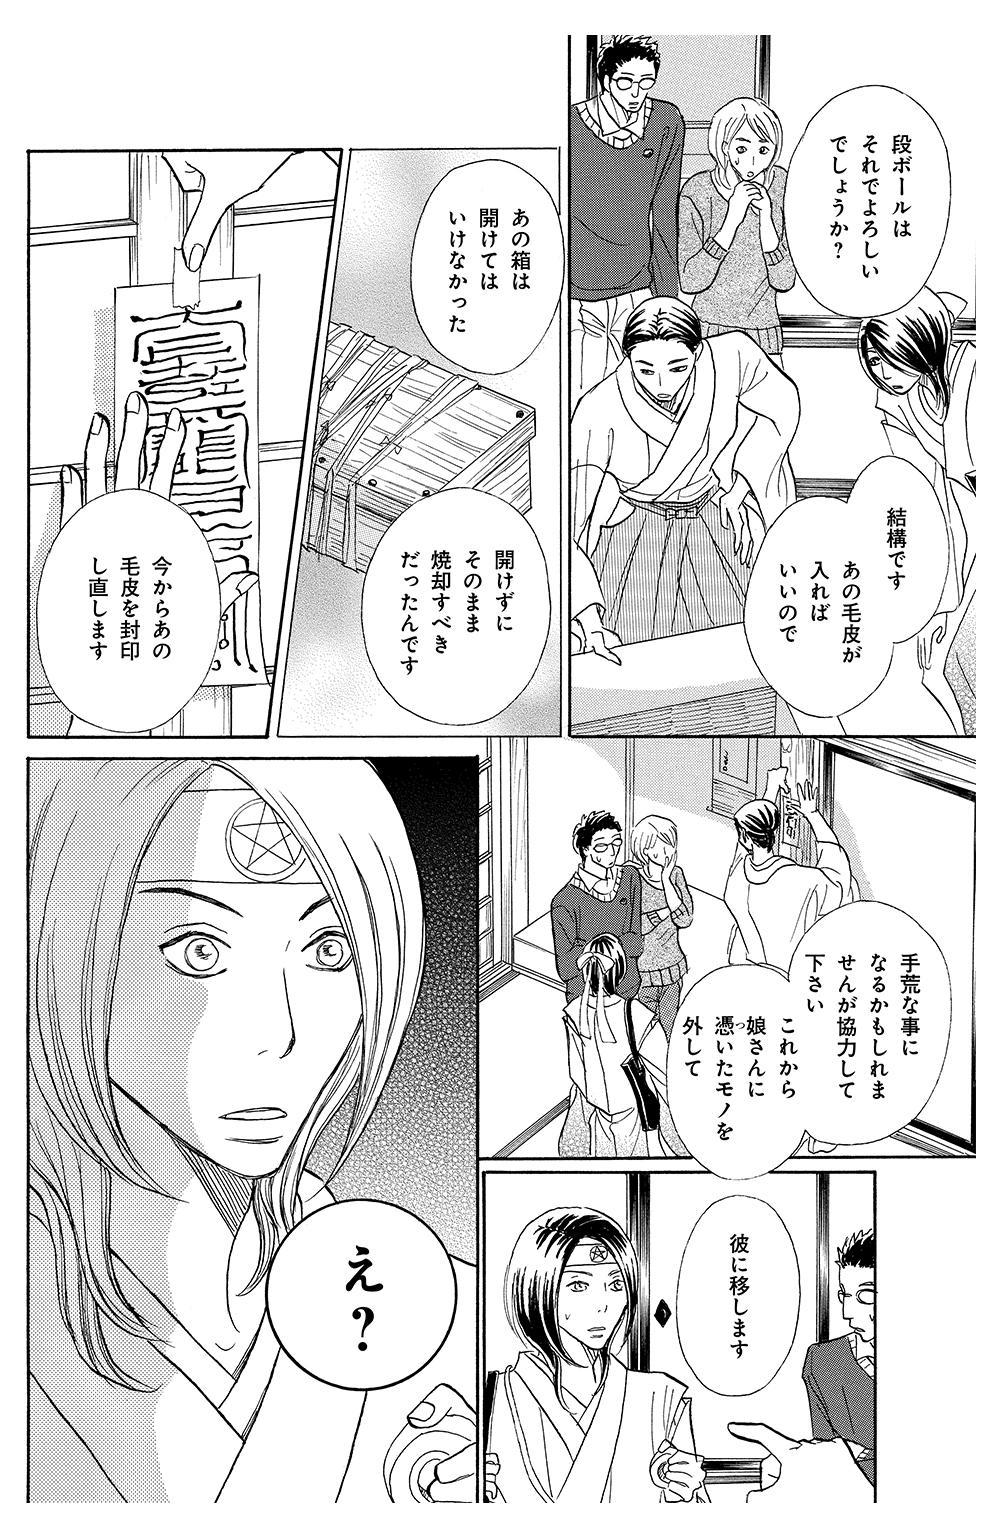 伊集院月丸の残念な霊能稼業 第1話「獣の皮」①iju1-1-11.jpg